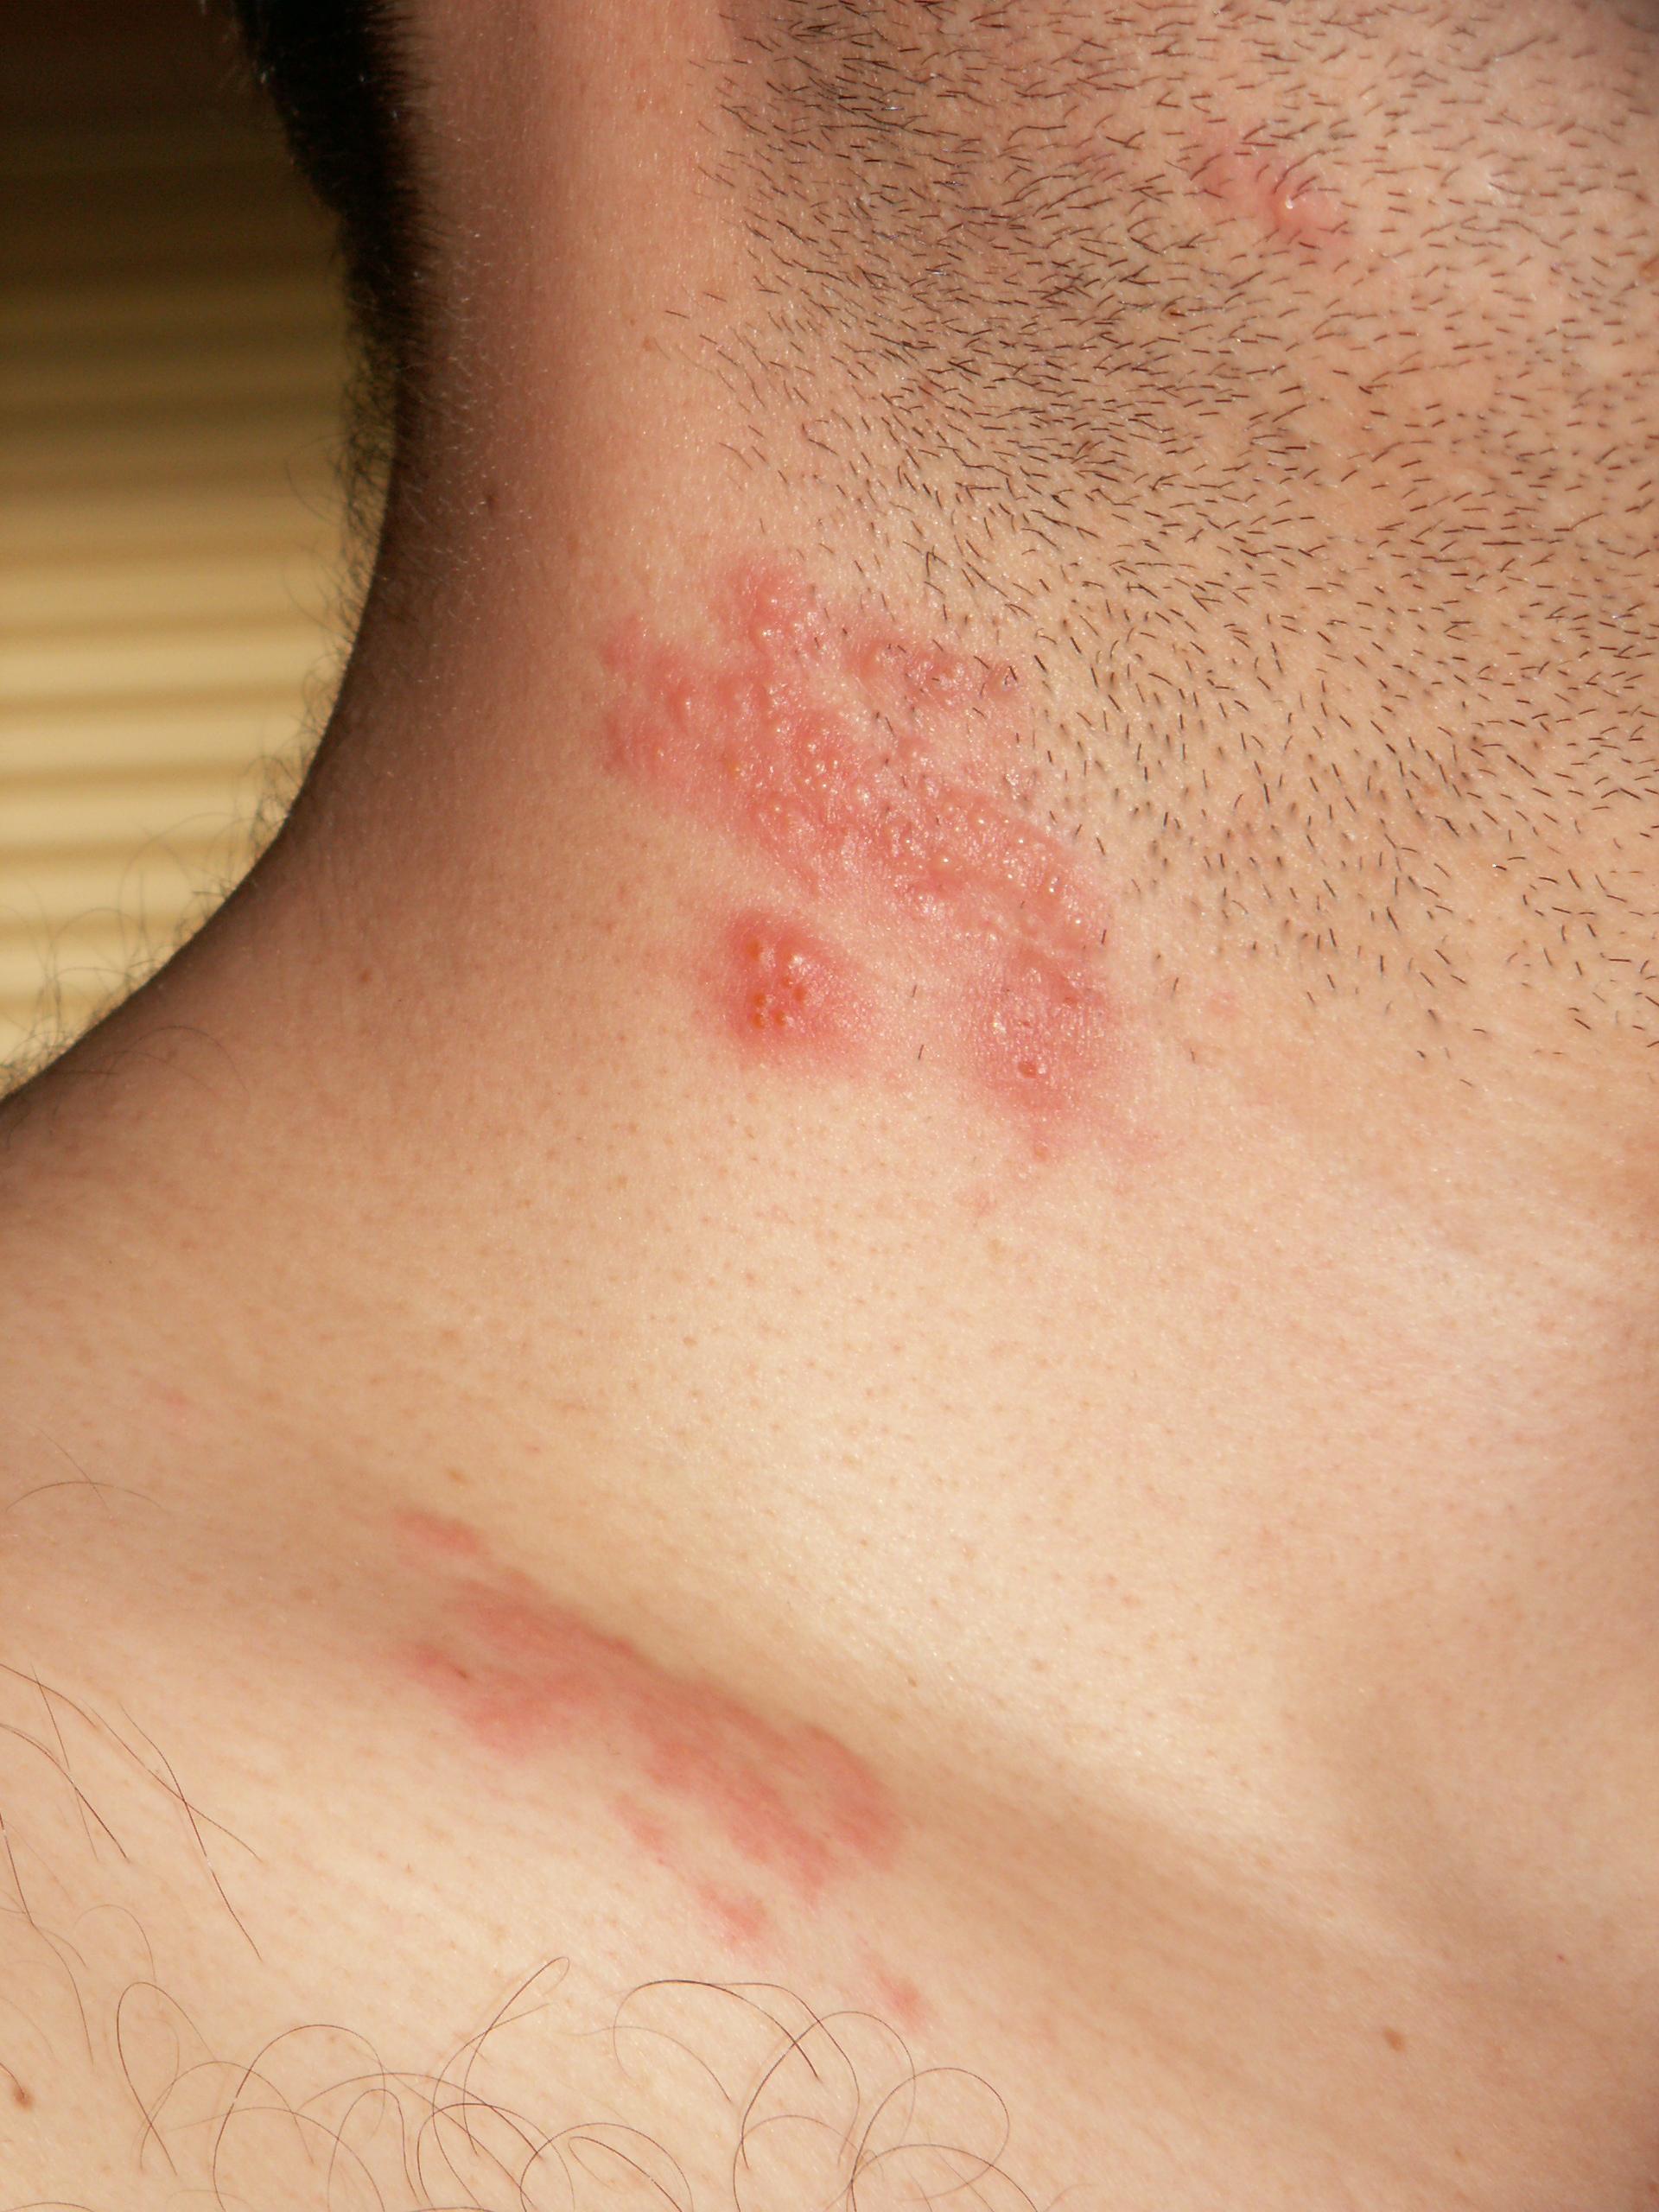 Cât de mult profită industria farma de pe urma spaimei tale de herpes - VICE